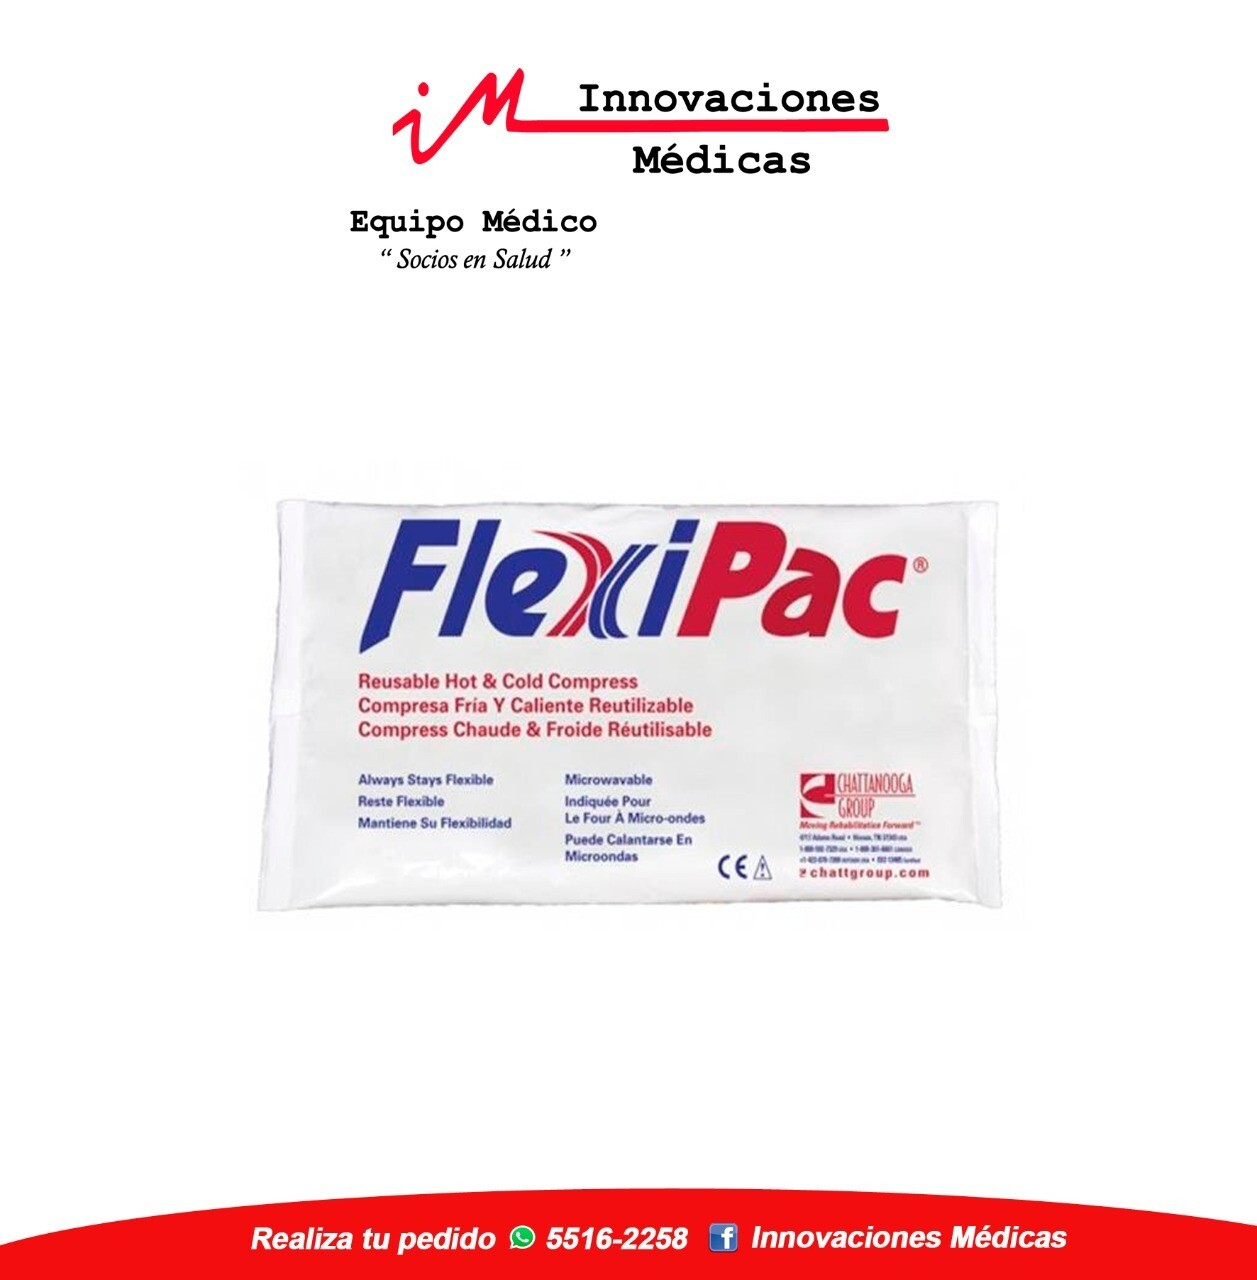 Compresa grande frío/calor FlexiPac